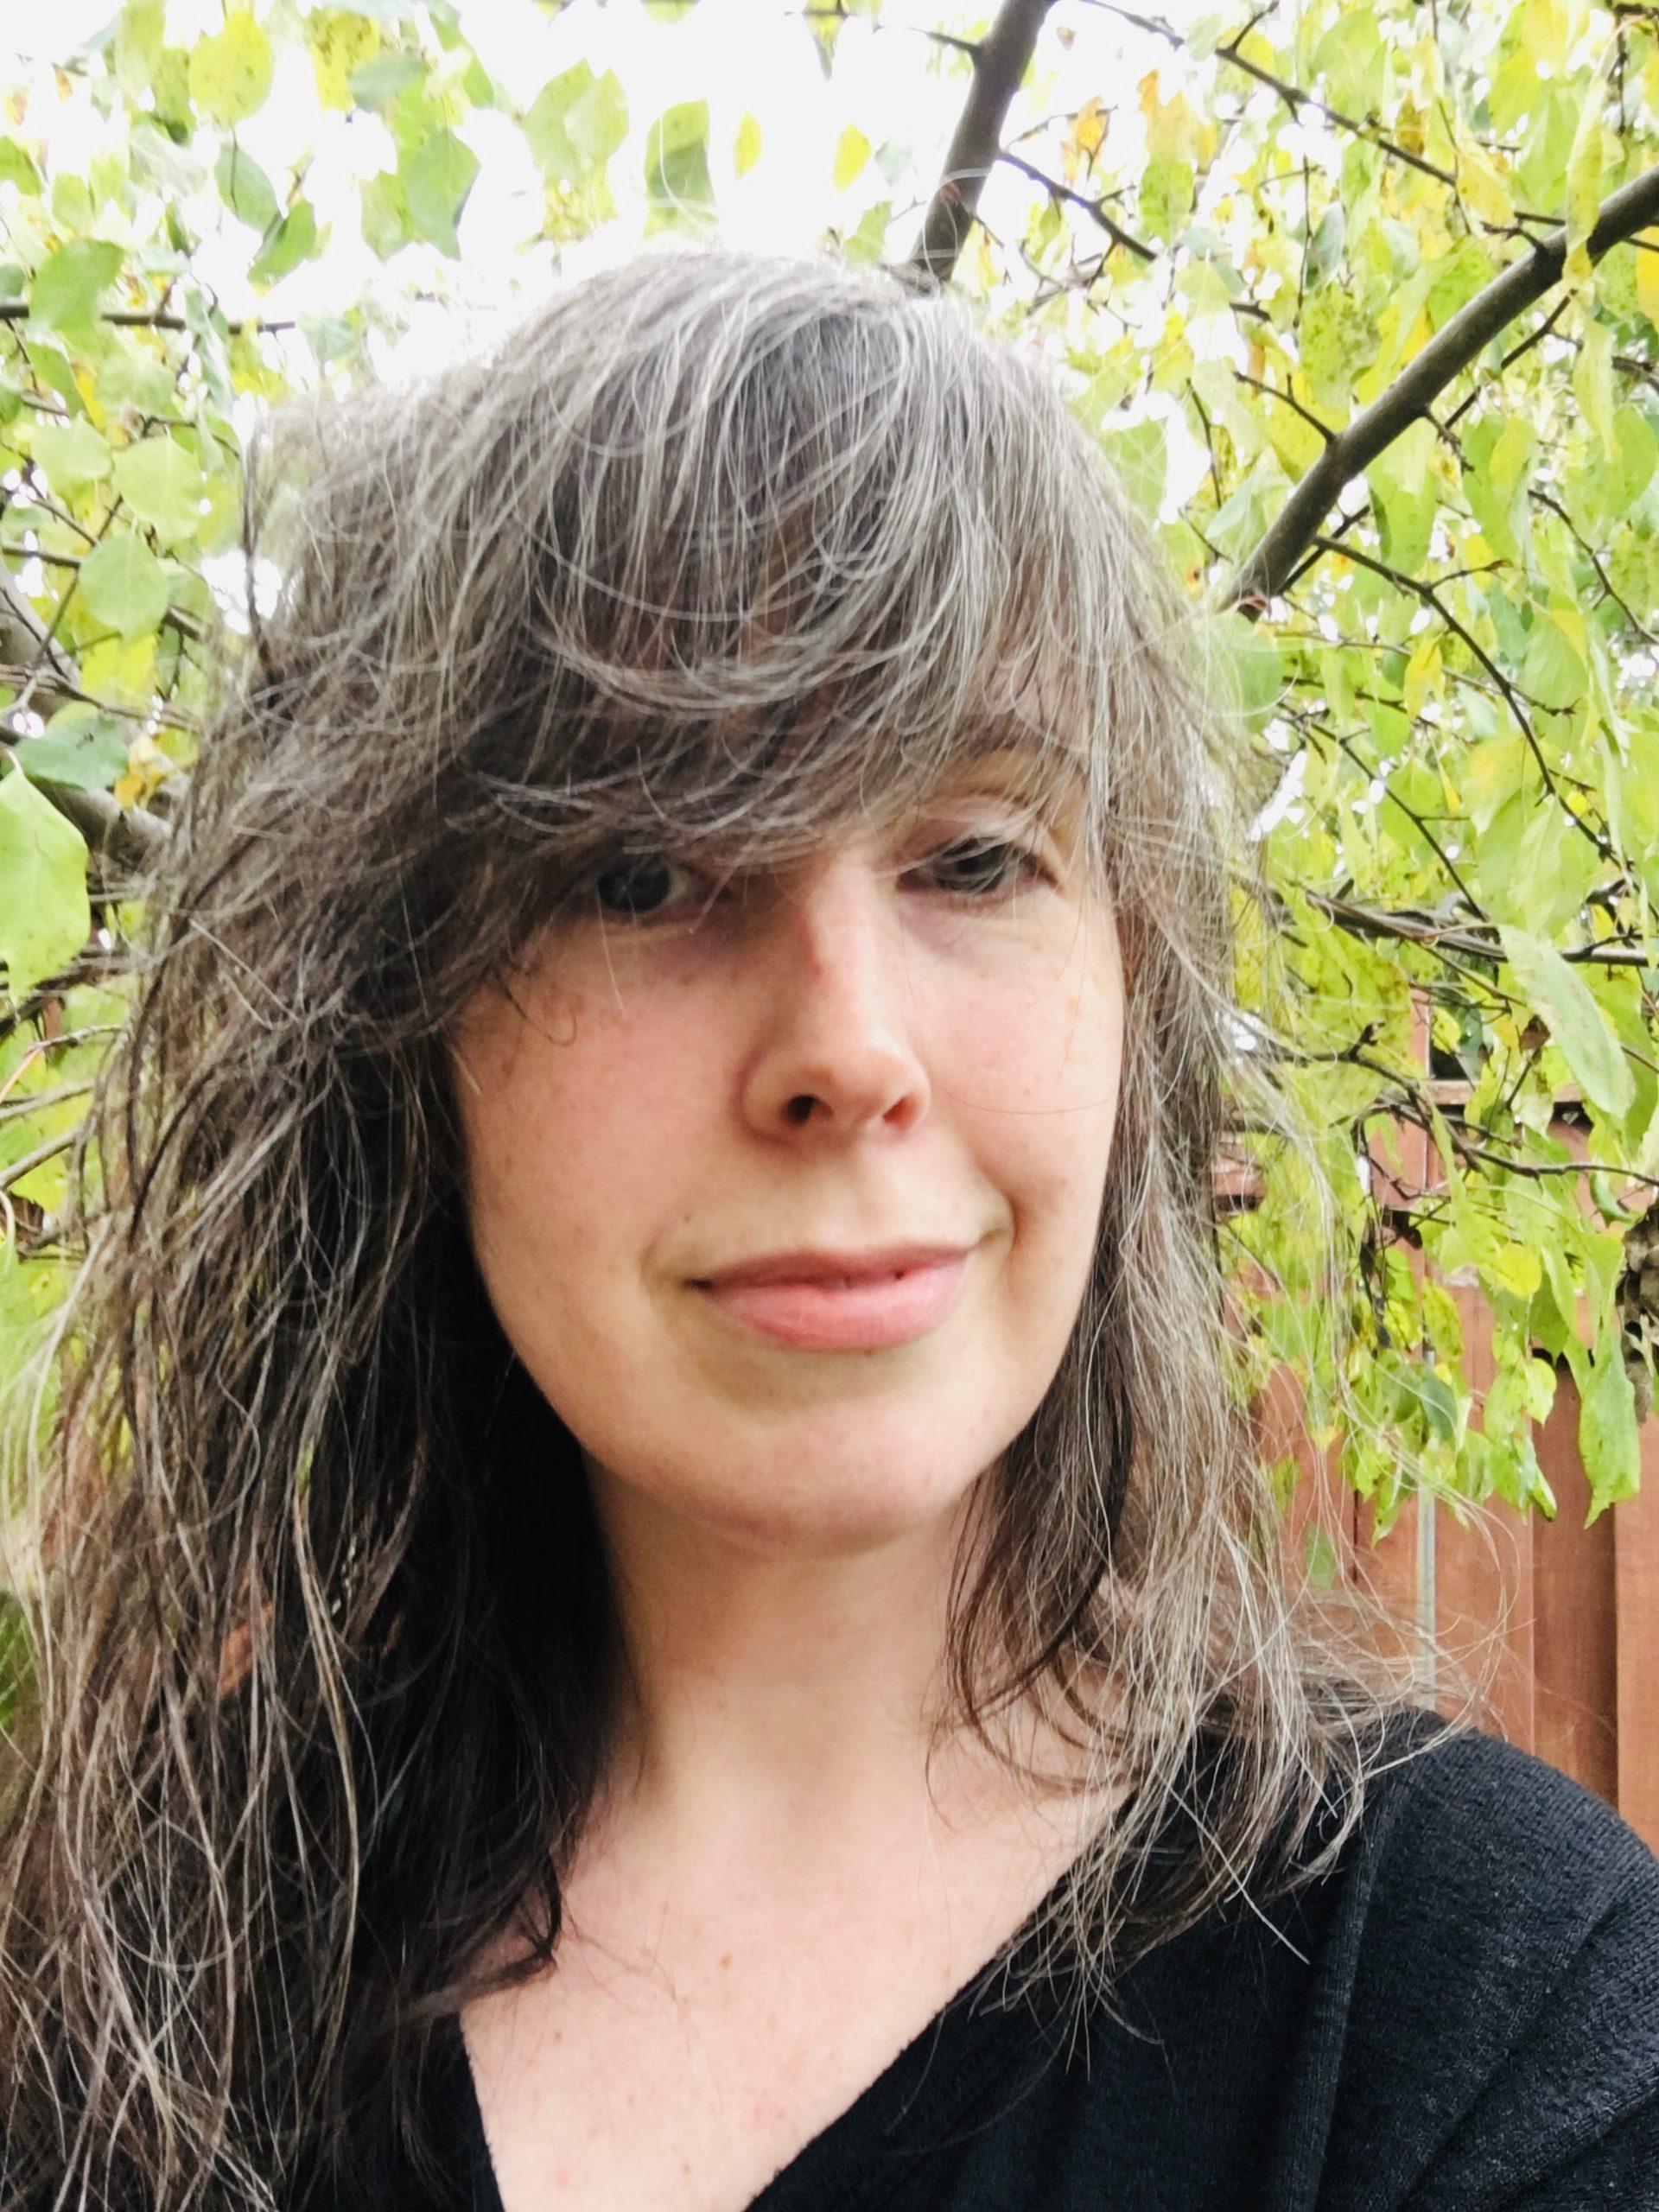 Michele Appleby Clarida of Nurtured Birth Ottawa